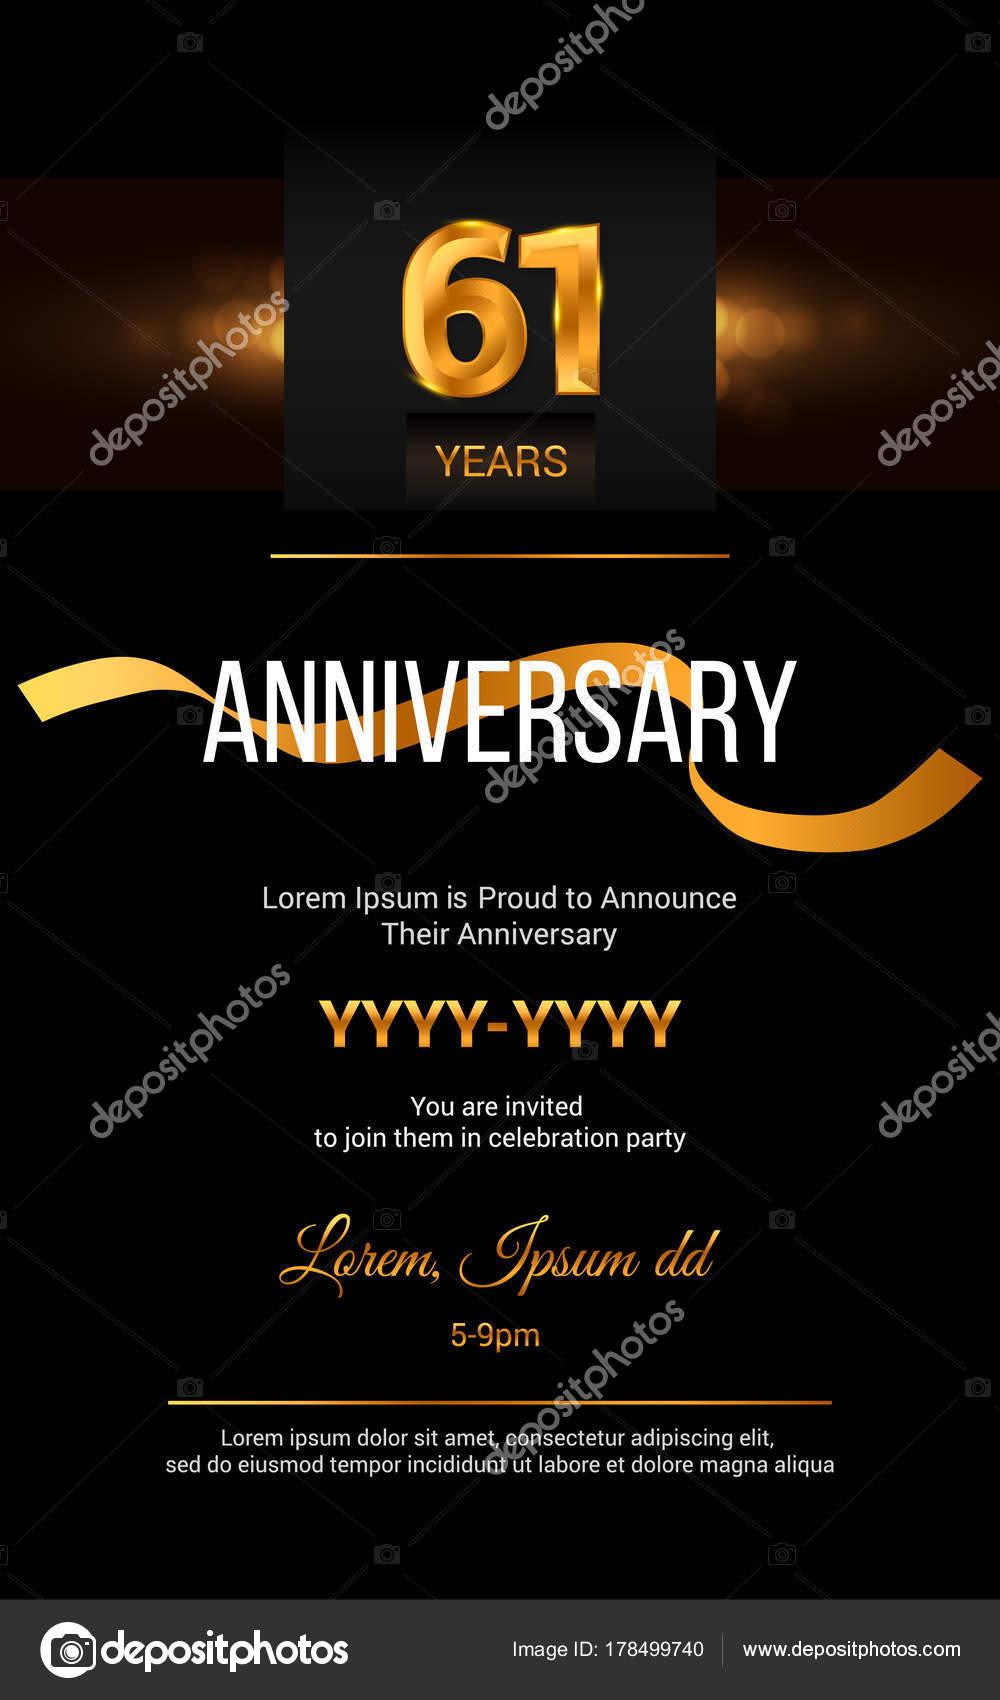 Invitaciones Aniversario Empresarial Tarjeta De Invitación